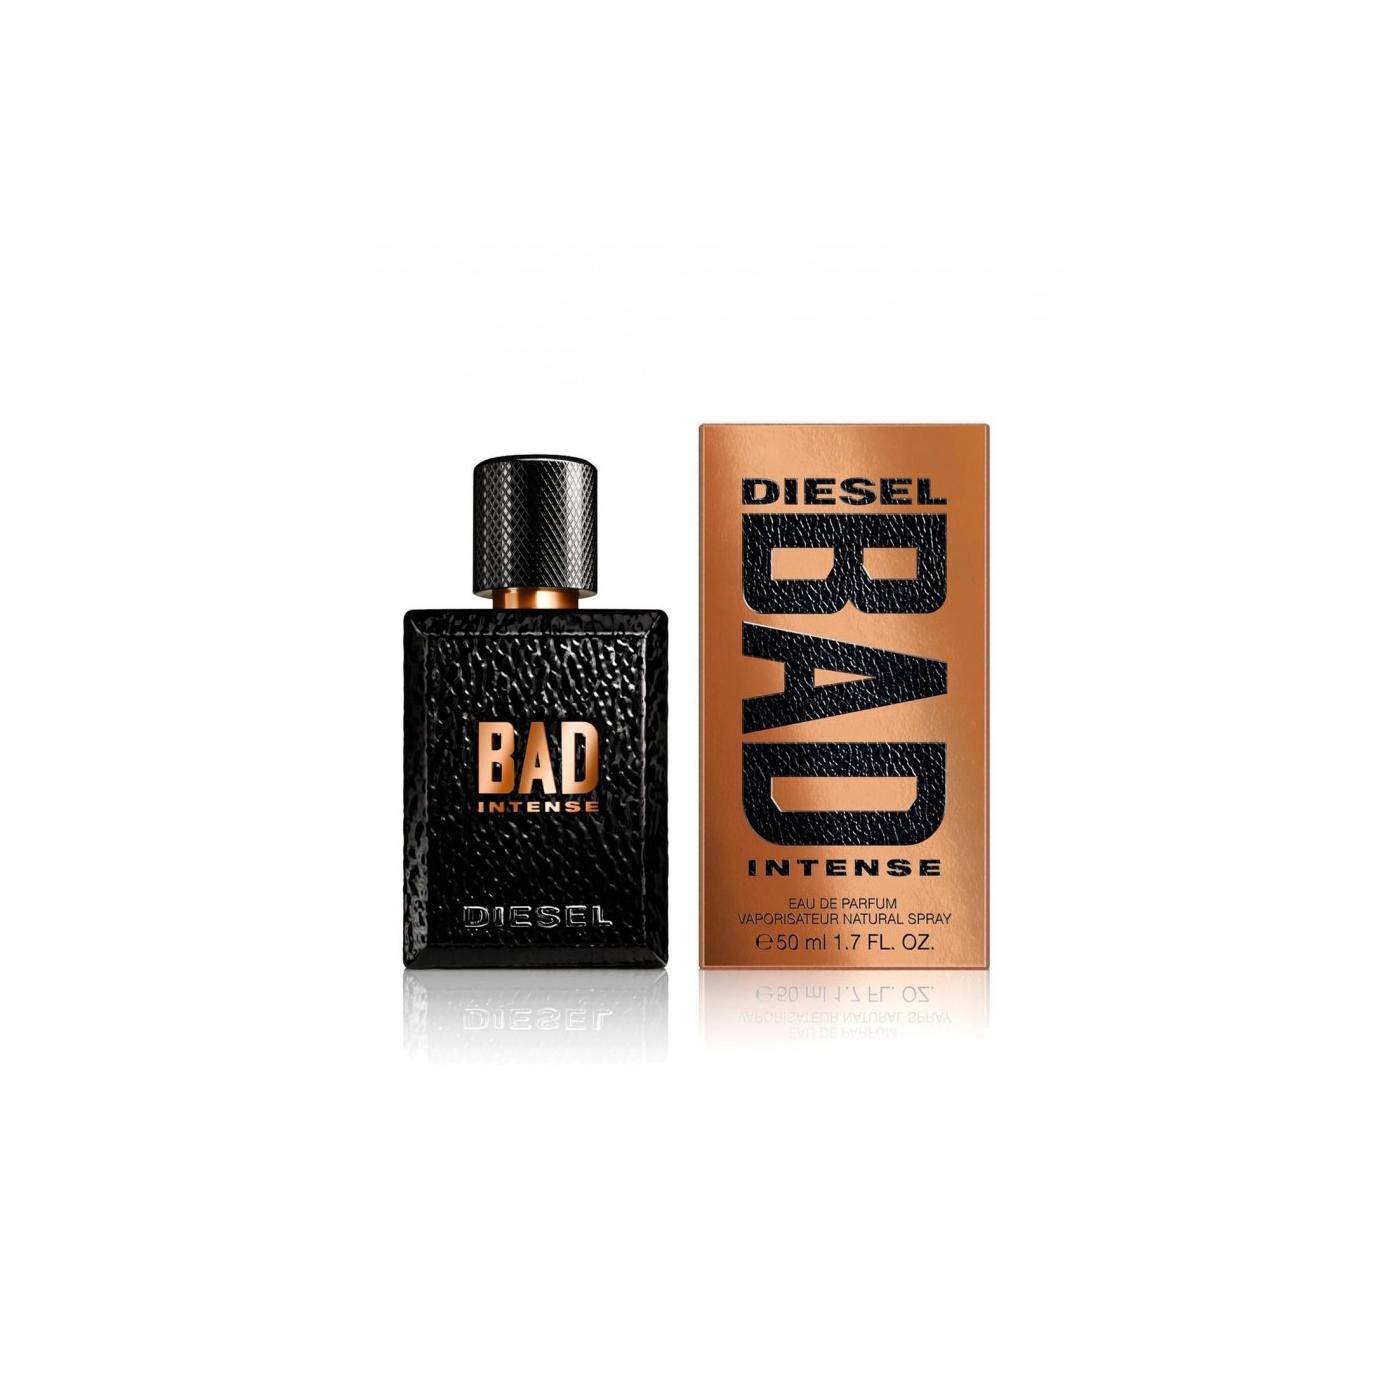 Diesel bad intense eau de parfum 50ml